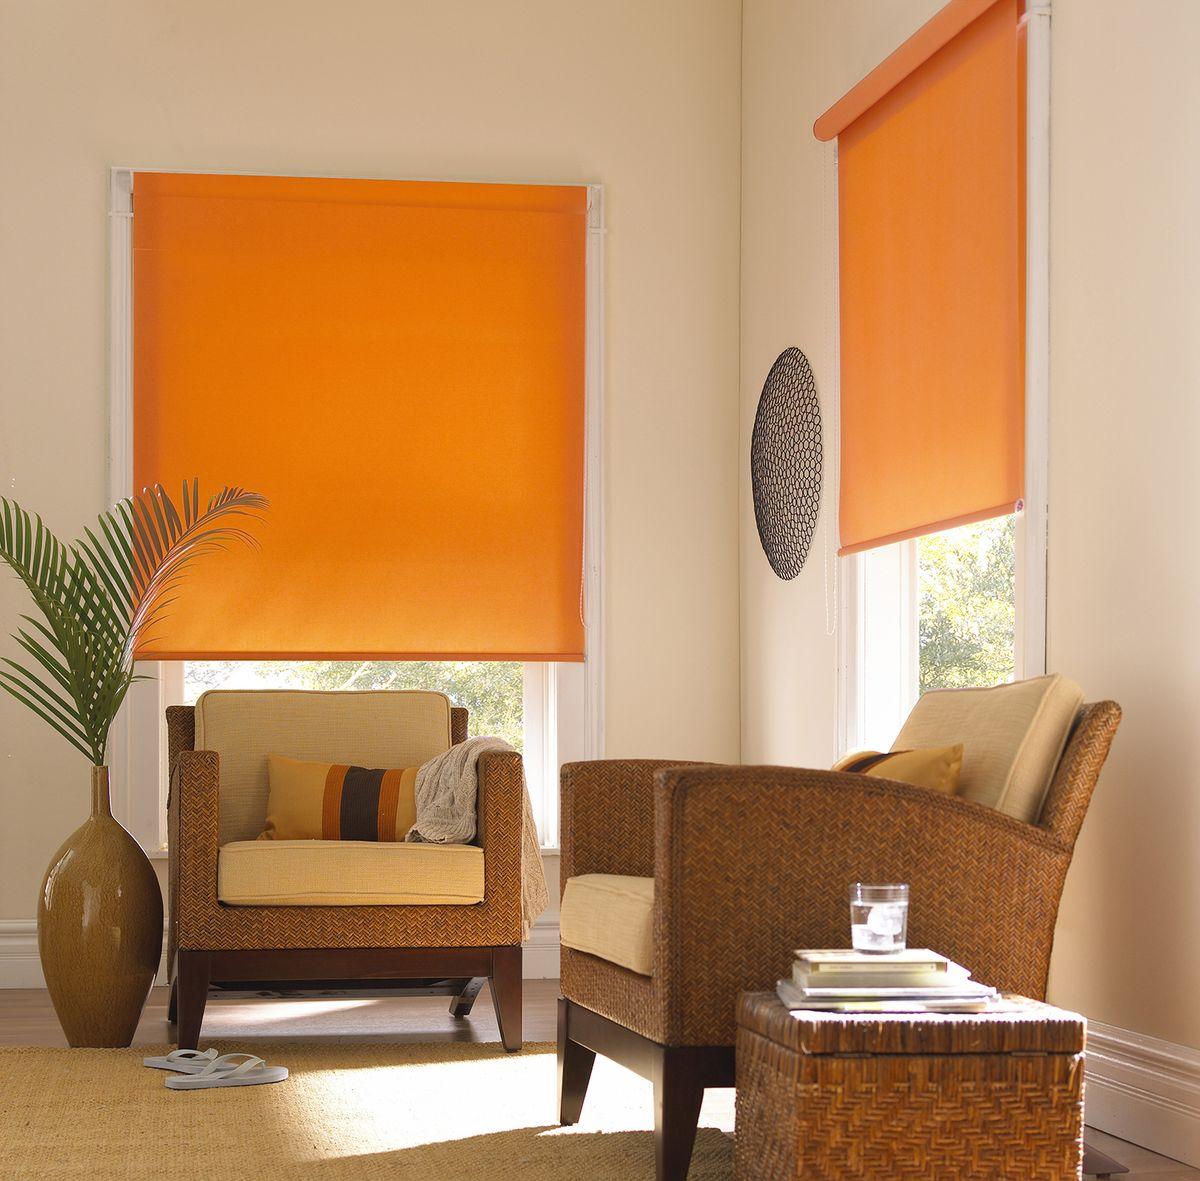 Штора рулонная Эскар Миниролло, цвет: апельсин, ширина 48 см, высота 170 см34008090170Рулонная штора Эскар Миниролло выполнена из высокопрочной ткани, которая сохраняет свой размер даже при намокании. Ткань не выцветает и обладает отличной цветоустойчивостью.Миниролло - это подвид рулонных штор, который закрывает не весь оконный проем, а непосредственно само стекло. Такие шторы крепятся на раму без сверления при помощи зажимов или клейкой двухсторонней ленты (в комплекте). Окно остается на гарантии, благодаря монтажу без сверления. Такая штора станет прекрасным элементом декора окна и гармонично впишется в интерьер любого помещения.